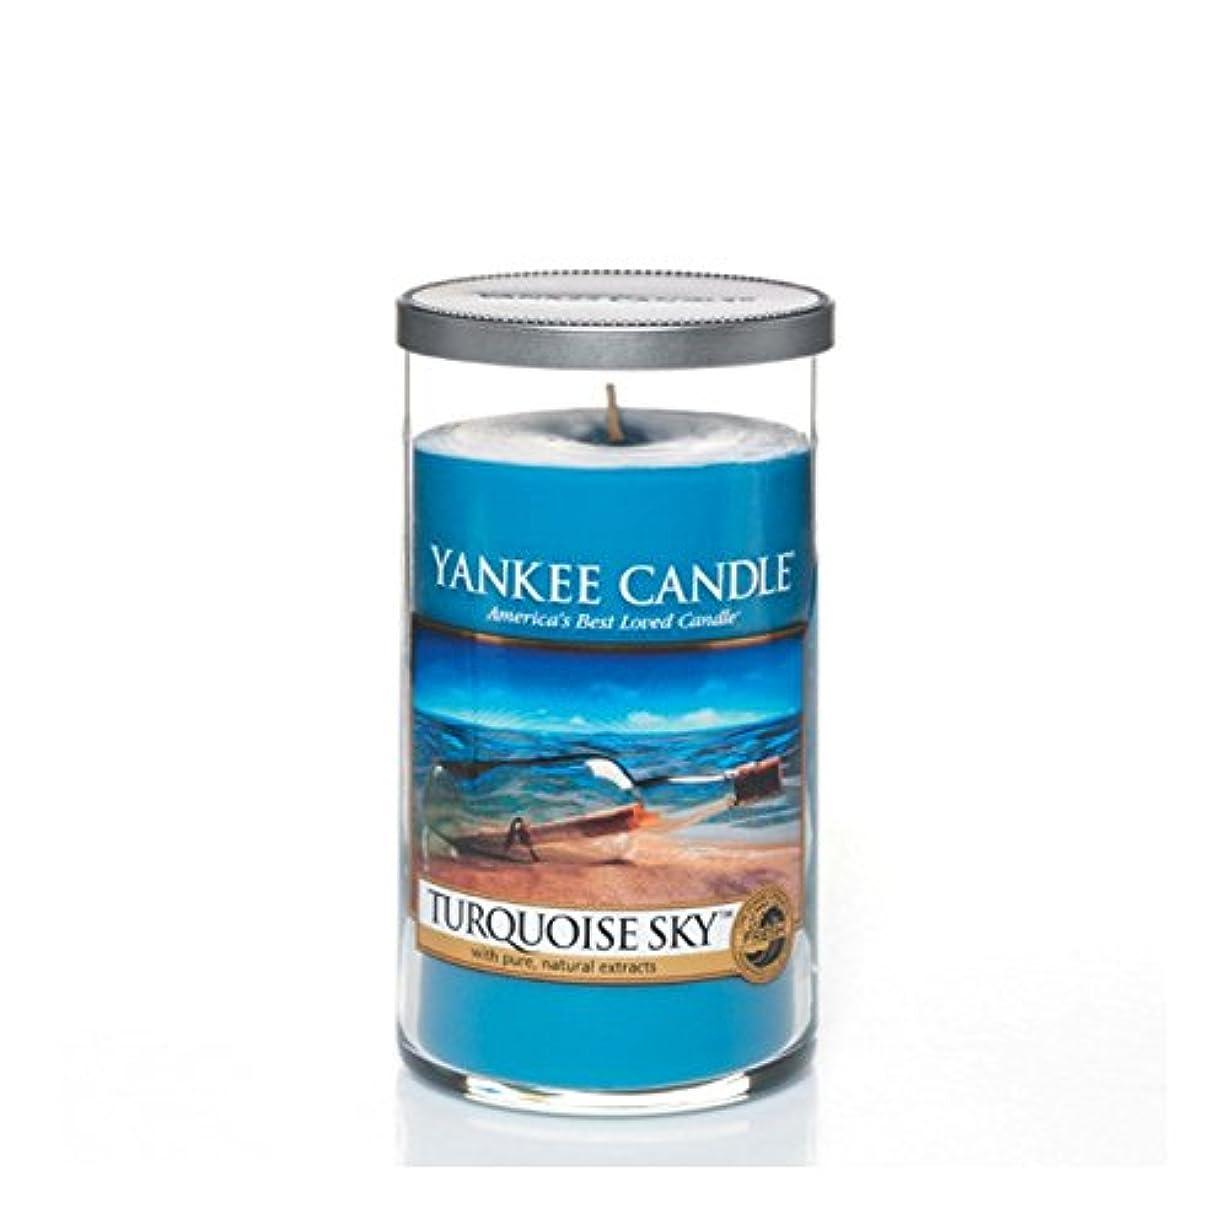 アーティキュレーション電気のじゃがいもYankee Candles Medium Pillar Candle - Turquoise Sky (Pack of 6) - ヤンキーキャンドルメディアピラーキャンドル - ターコイズの空 (x6) [並行輸入品]